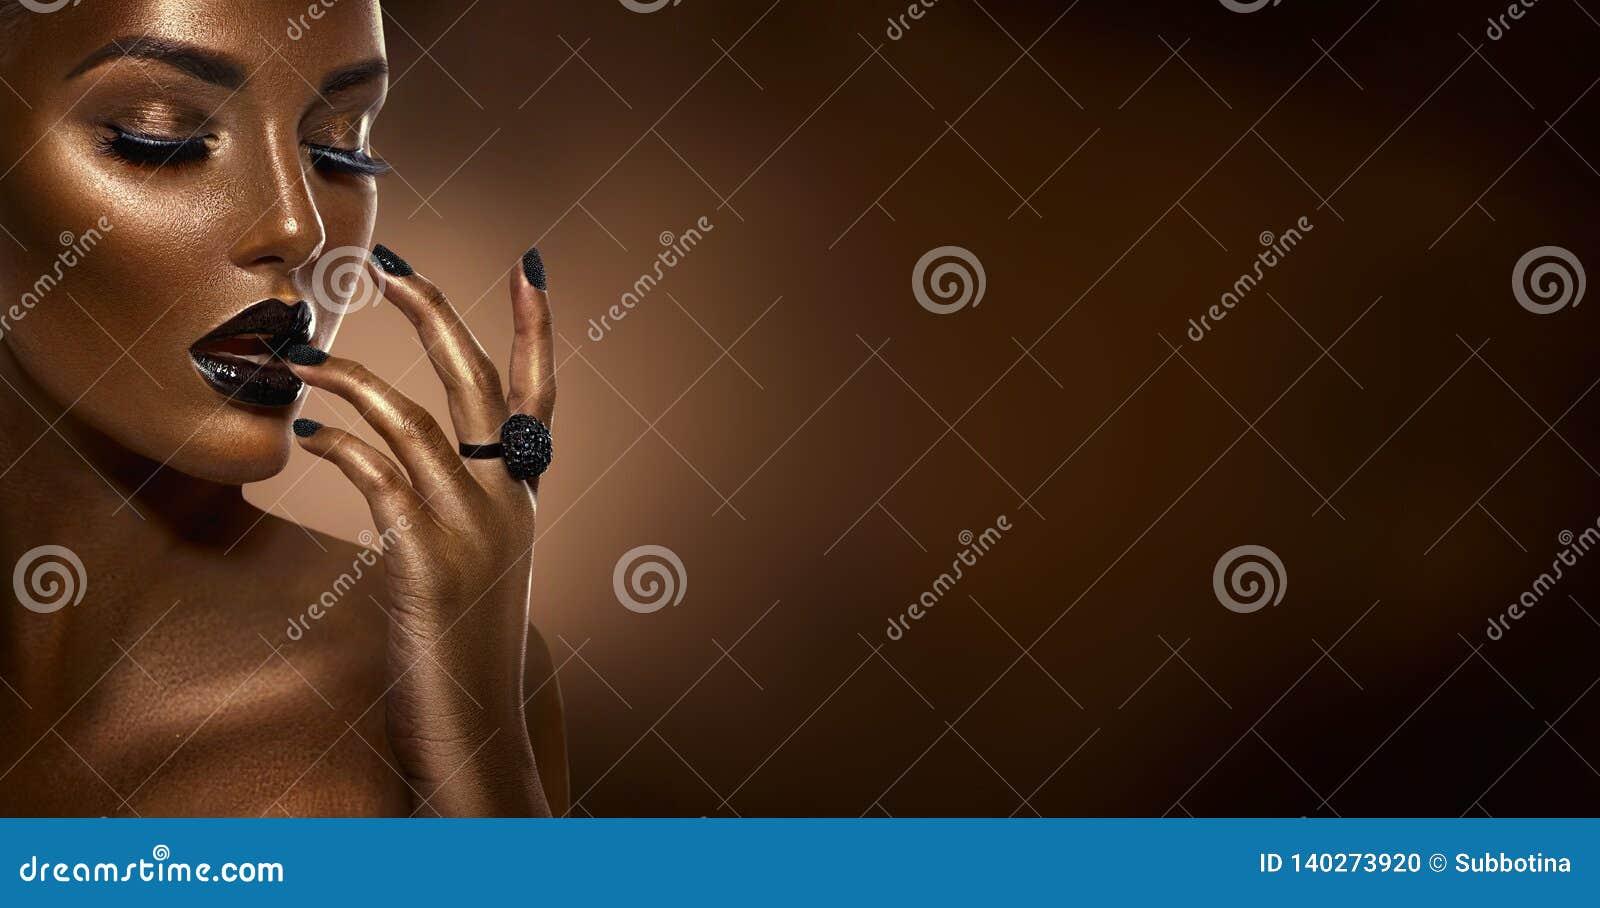 Portret van de de manierkunst van het schoonheids het zwarte meisje over donkere bruine achtergrond Professionele make-up en mani